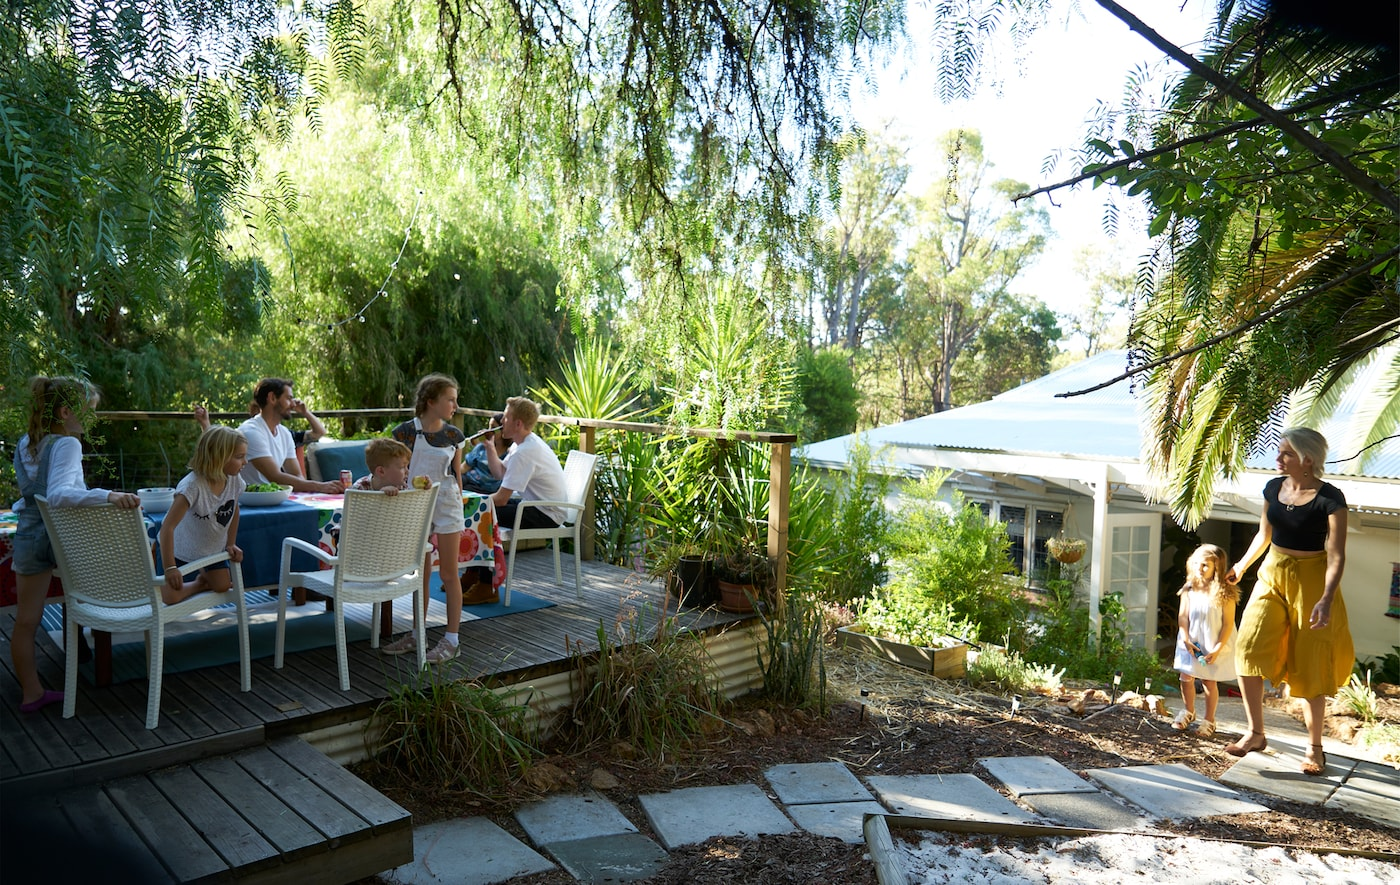 Une groupe de personnes assises autour d'une table sur une terrasse surélevée dans un jardin avec de la verdure et des dalles.